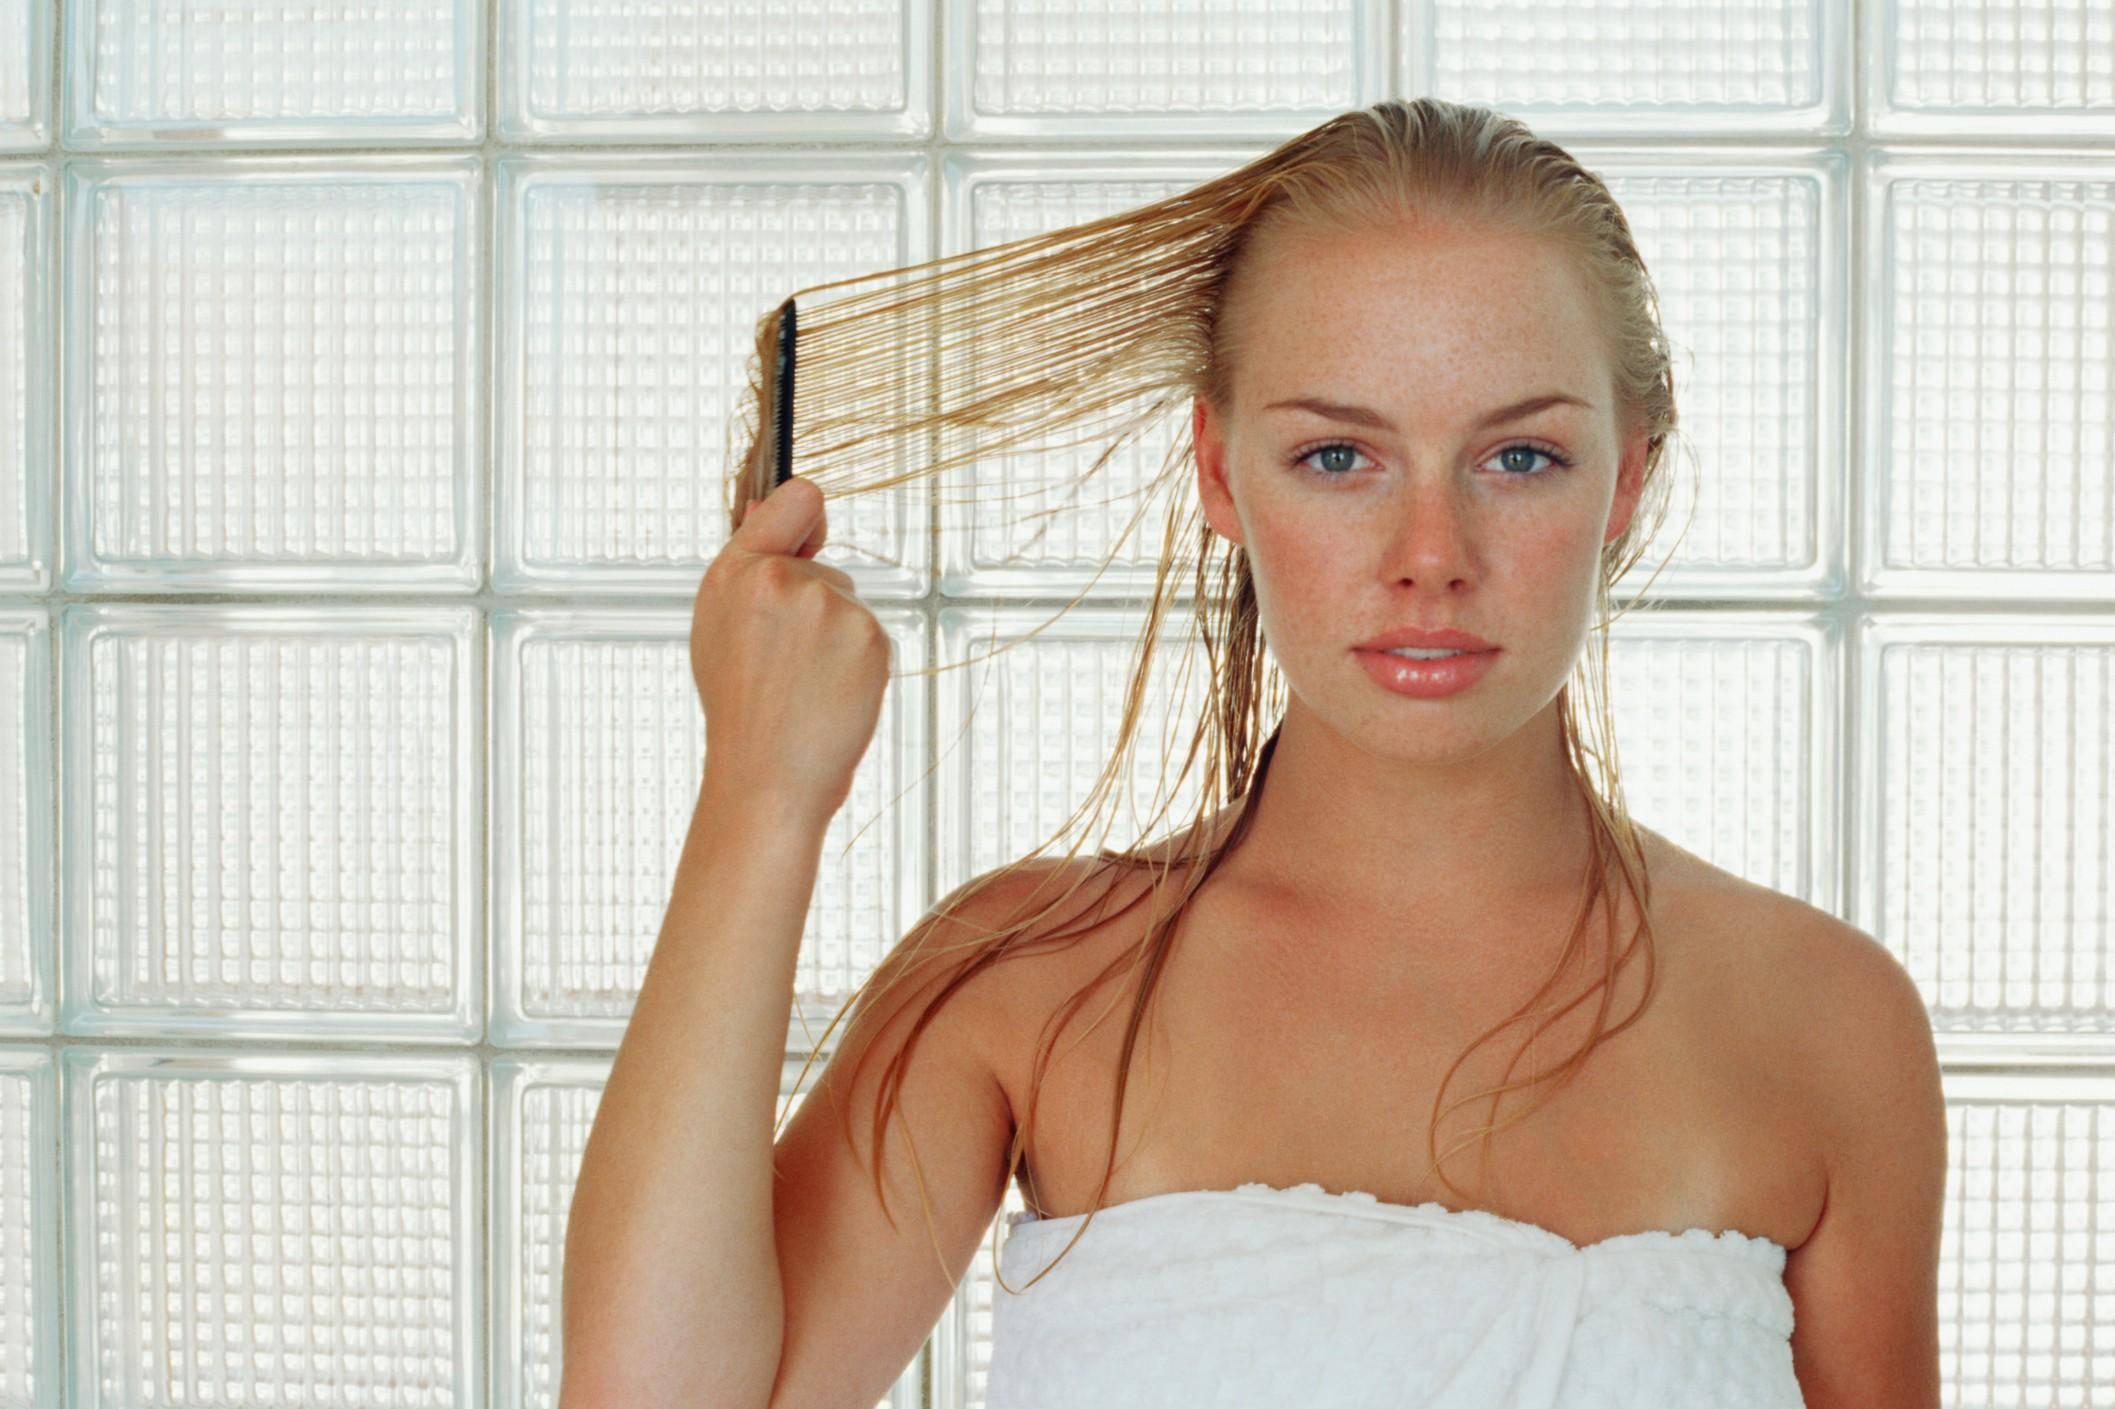 Taglio medio per chi ha pochi capelli